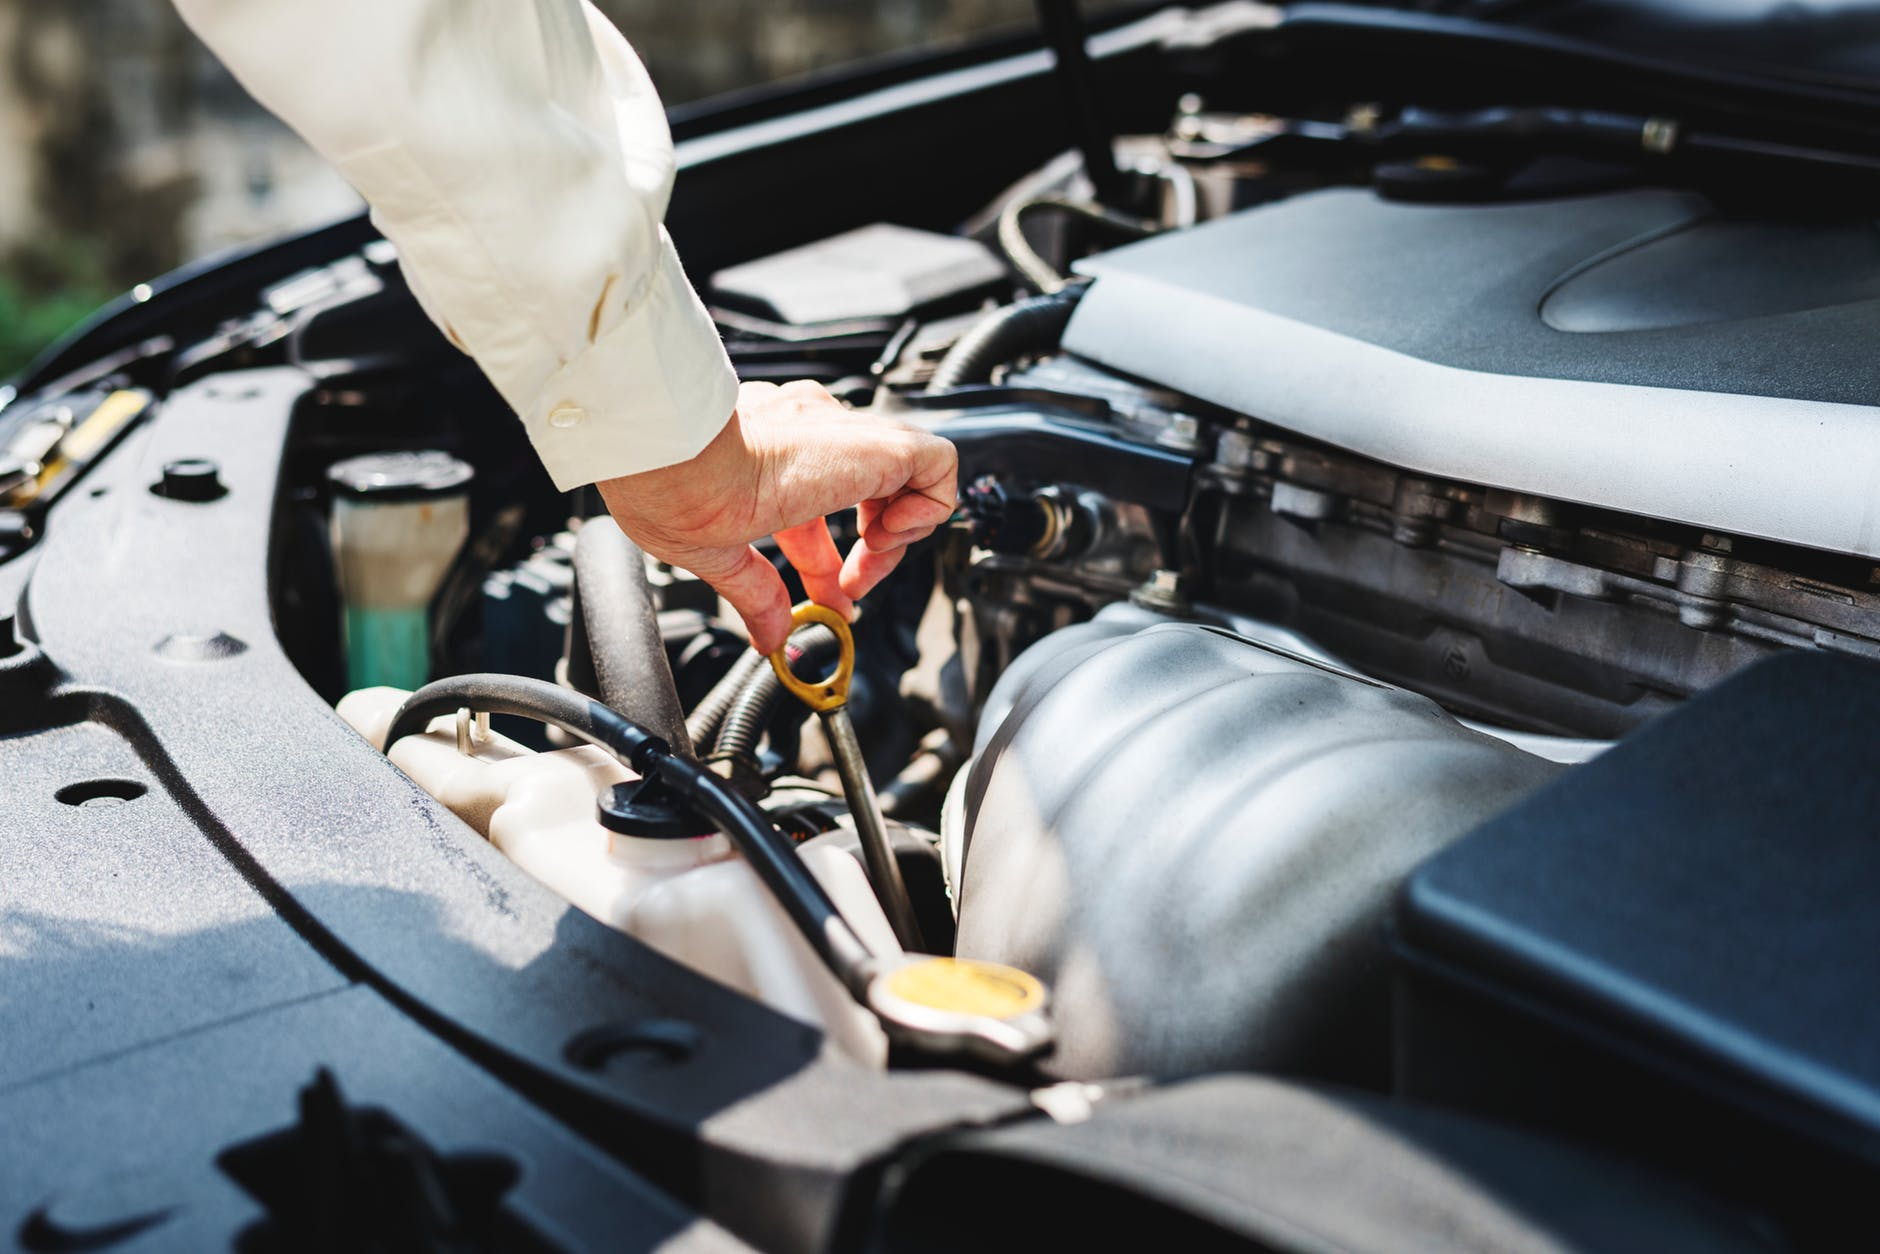 Quelles sont les sources de problèmes de surchauffage du moteur ?